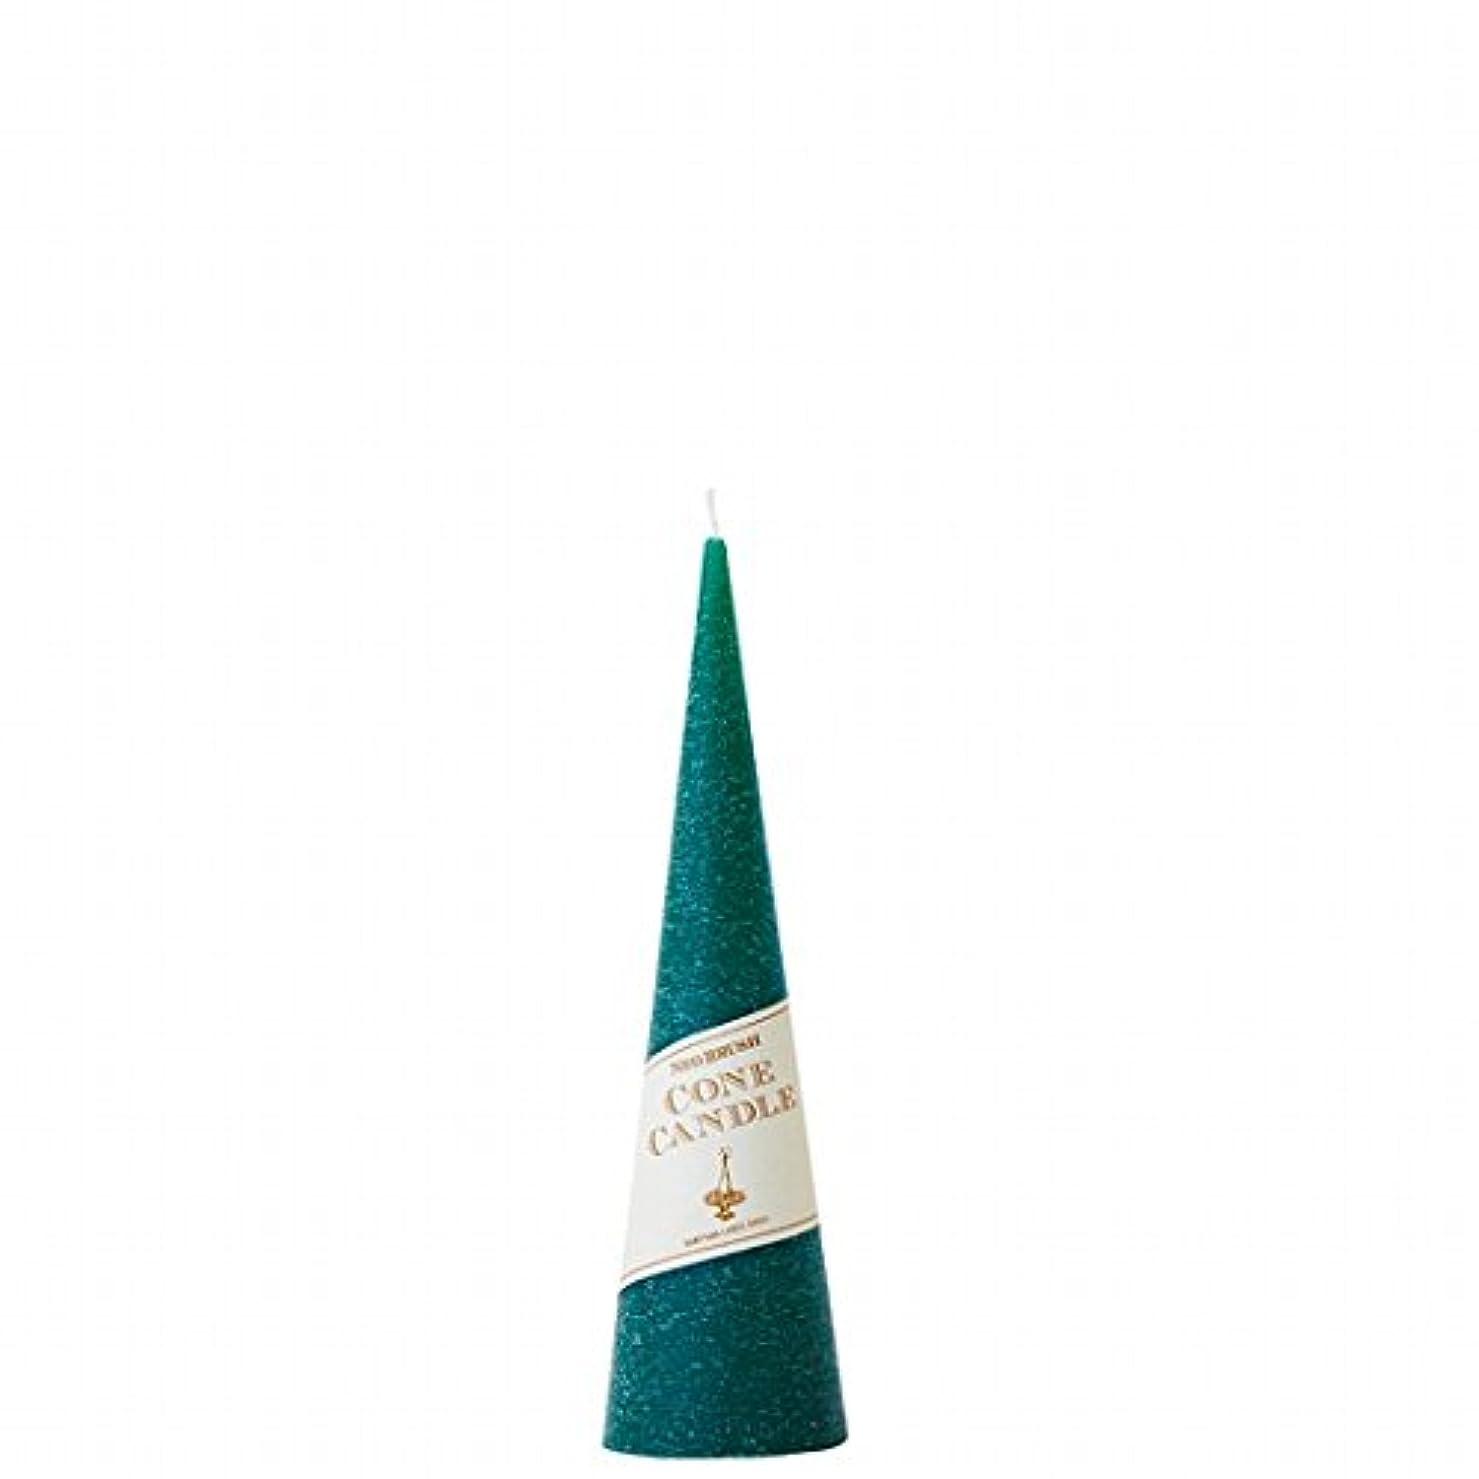 走る素晴らしい良い多くの任意kameyama candle(カメヤマキャンドル) ネオブラッシュコーン 180 キャンドル 「 グリーン 」(A9750010G)